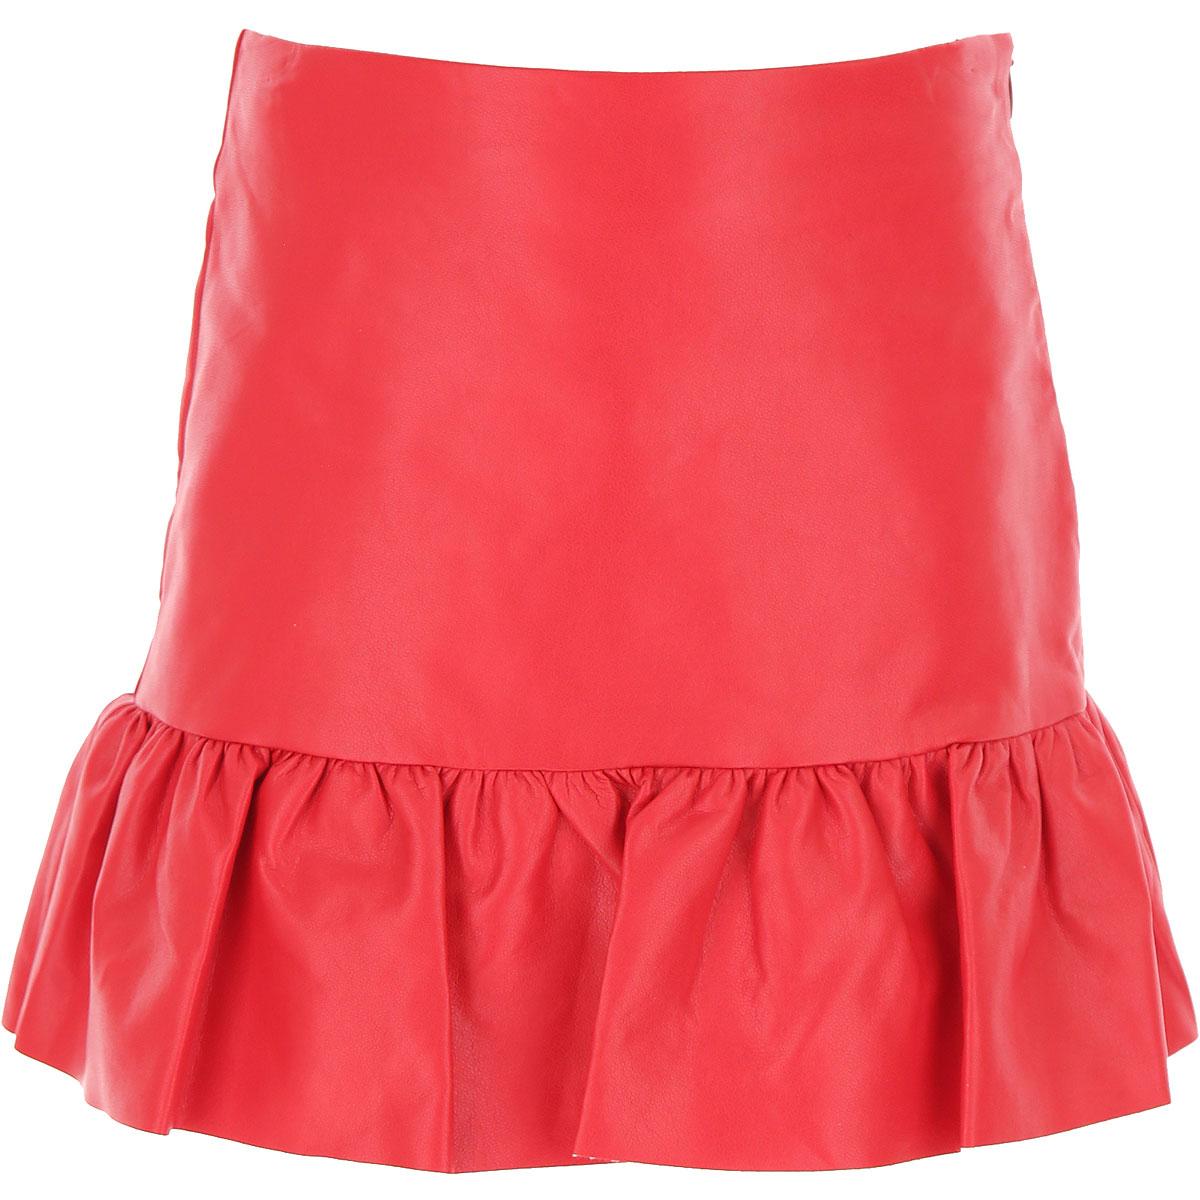 Philosophy di Lorenzo Serafini Kids Skirts for Girls On Sale, Red, polyurethane, 2019, 10Y 12Y 6Y 8Y